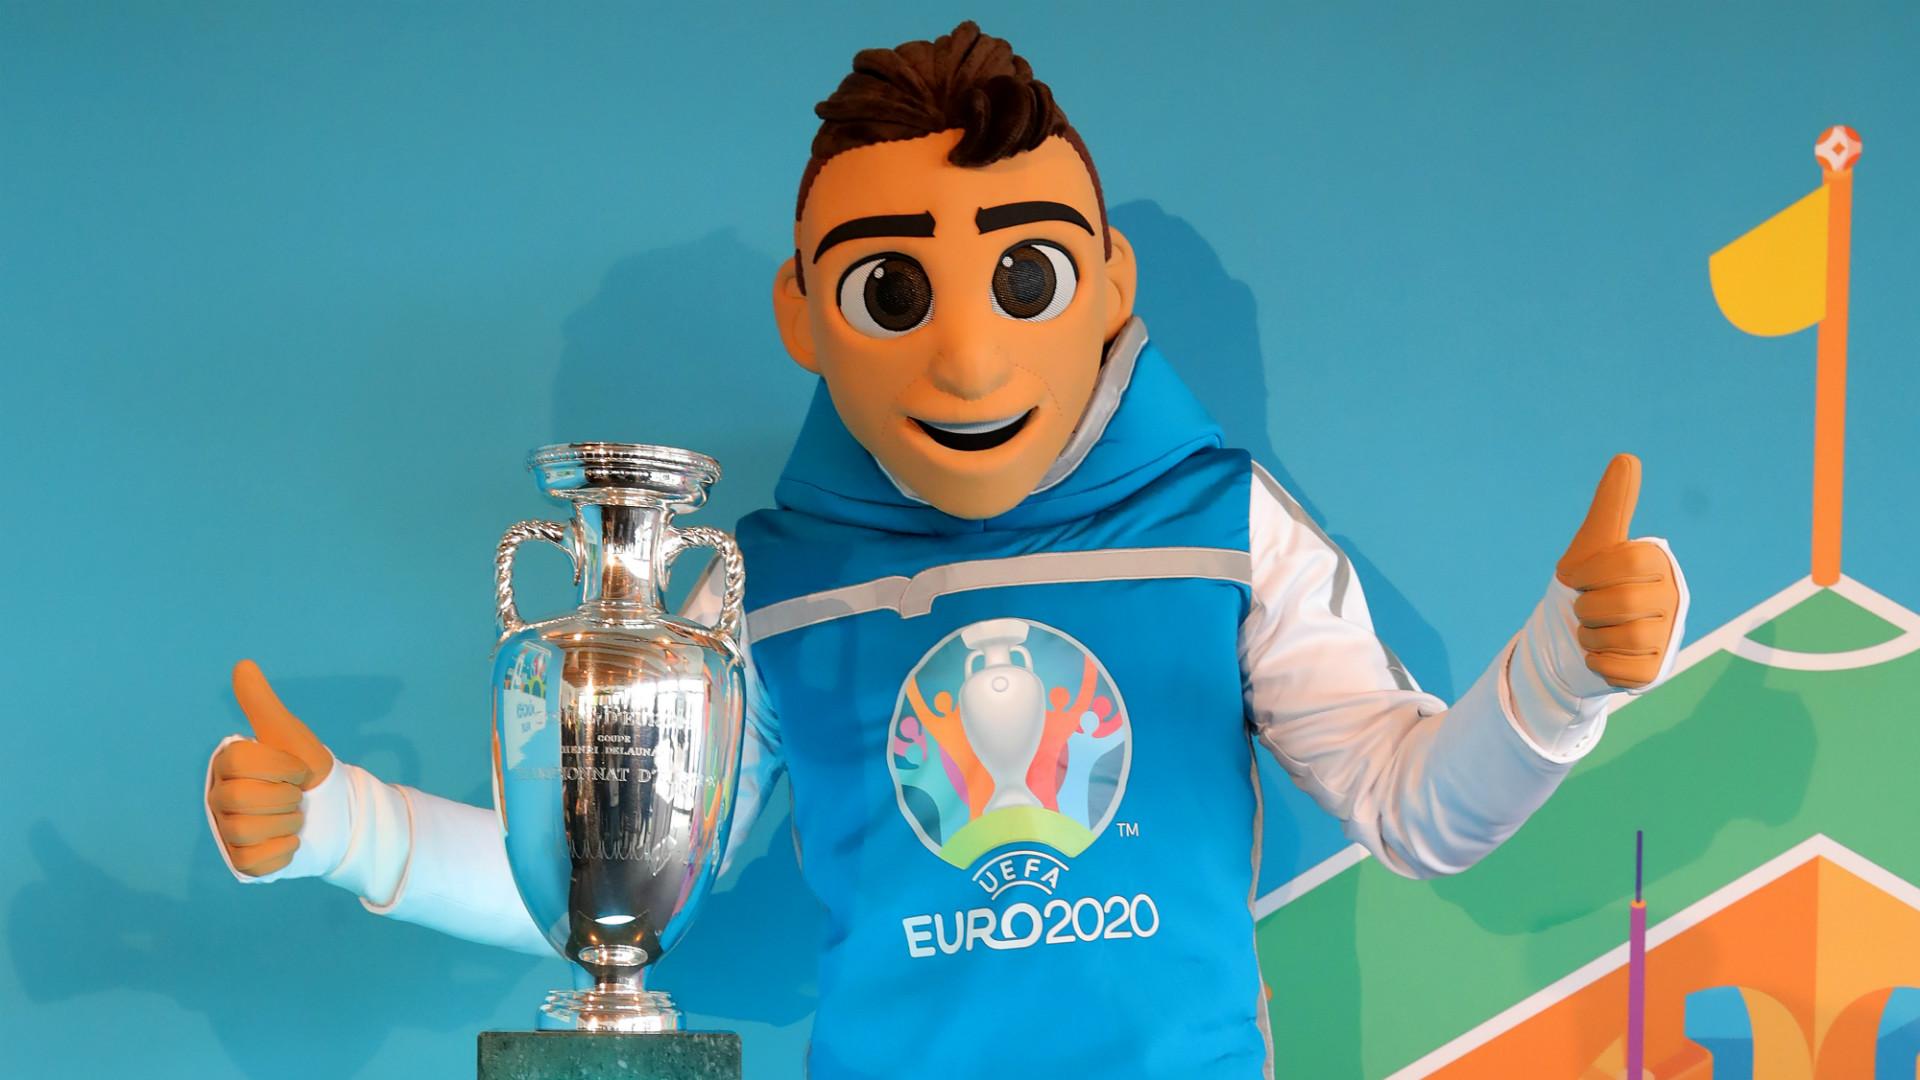 Eurocopa 2020: equipos, sedes, fechas, horarios de partidos y más